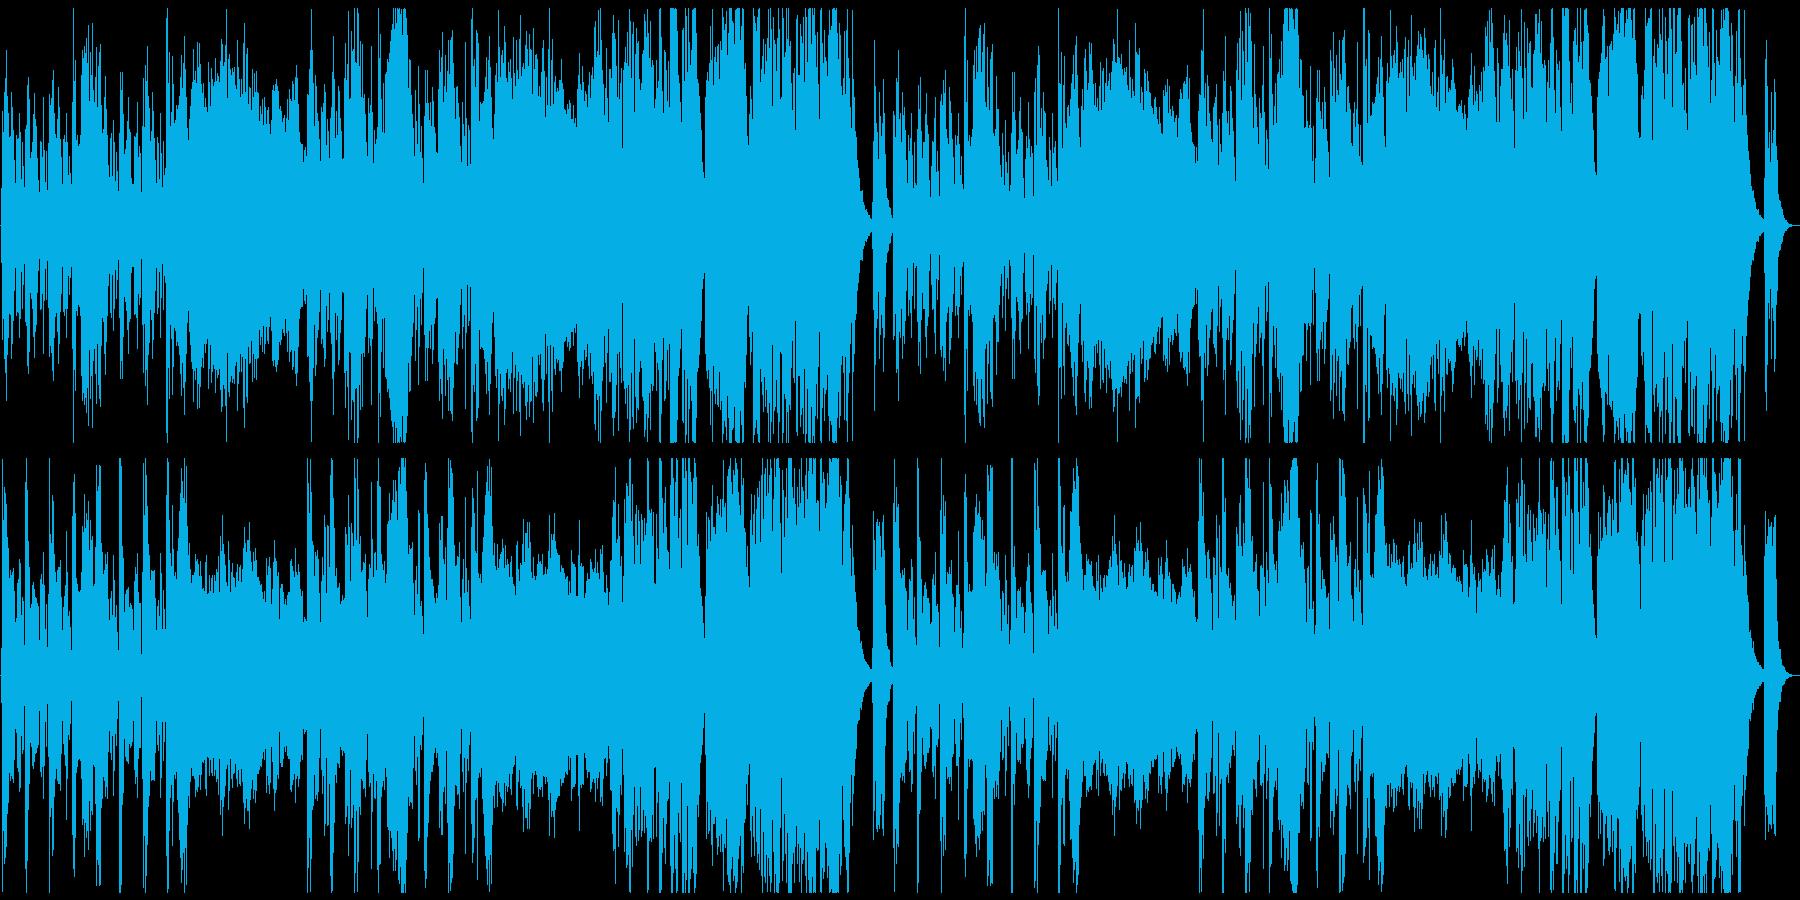 ファンシーでかわいい曲の再生済みの波形